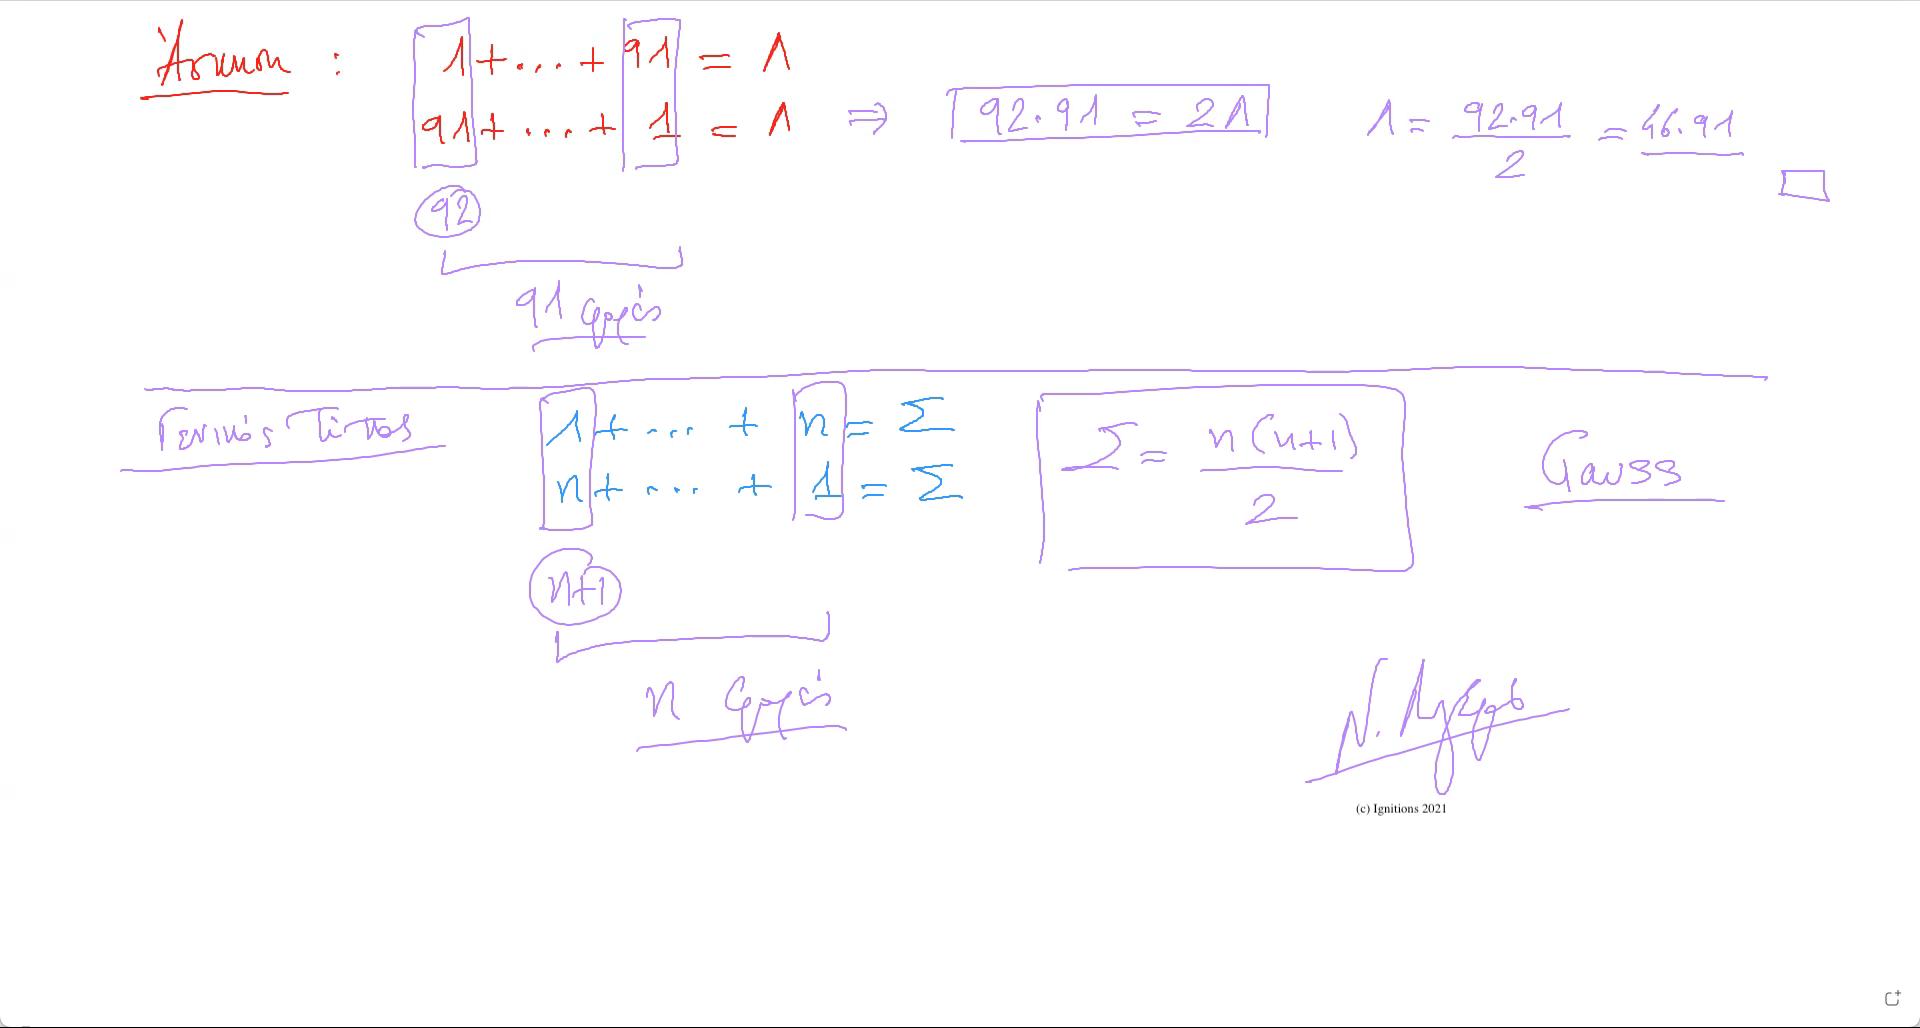 58723 - e-Μάθημα I: Μαθηματικά, ΆμυναTsigorine. (Dessin)